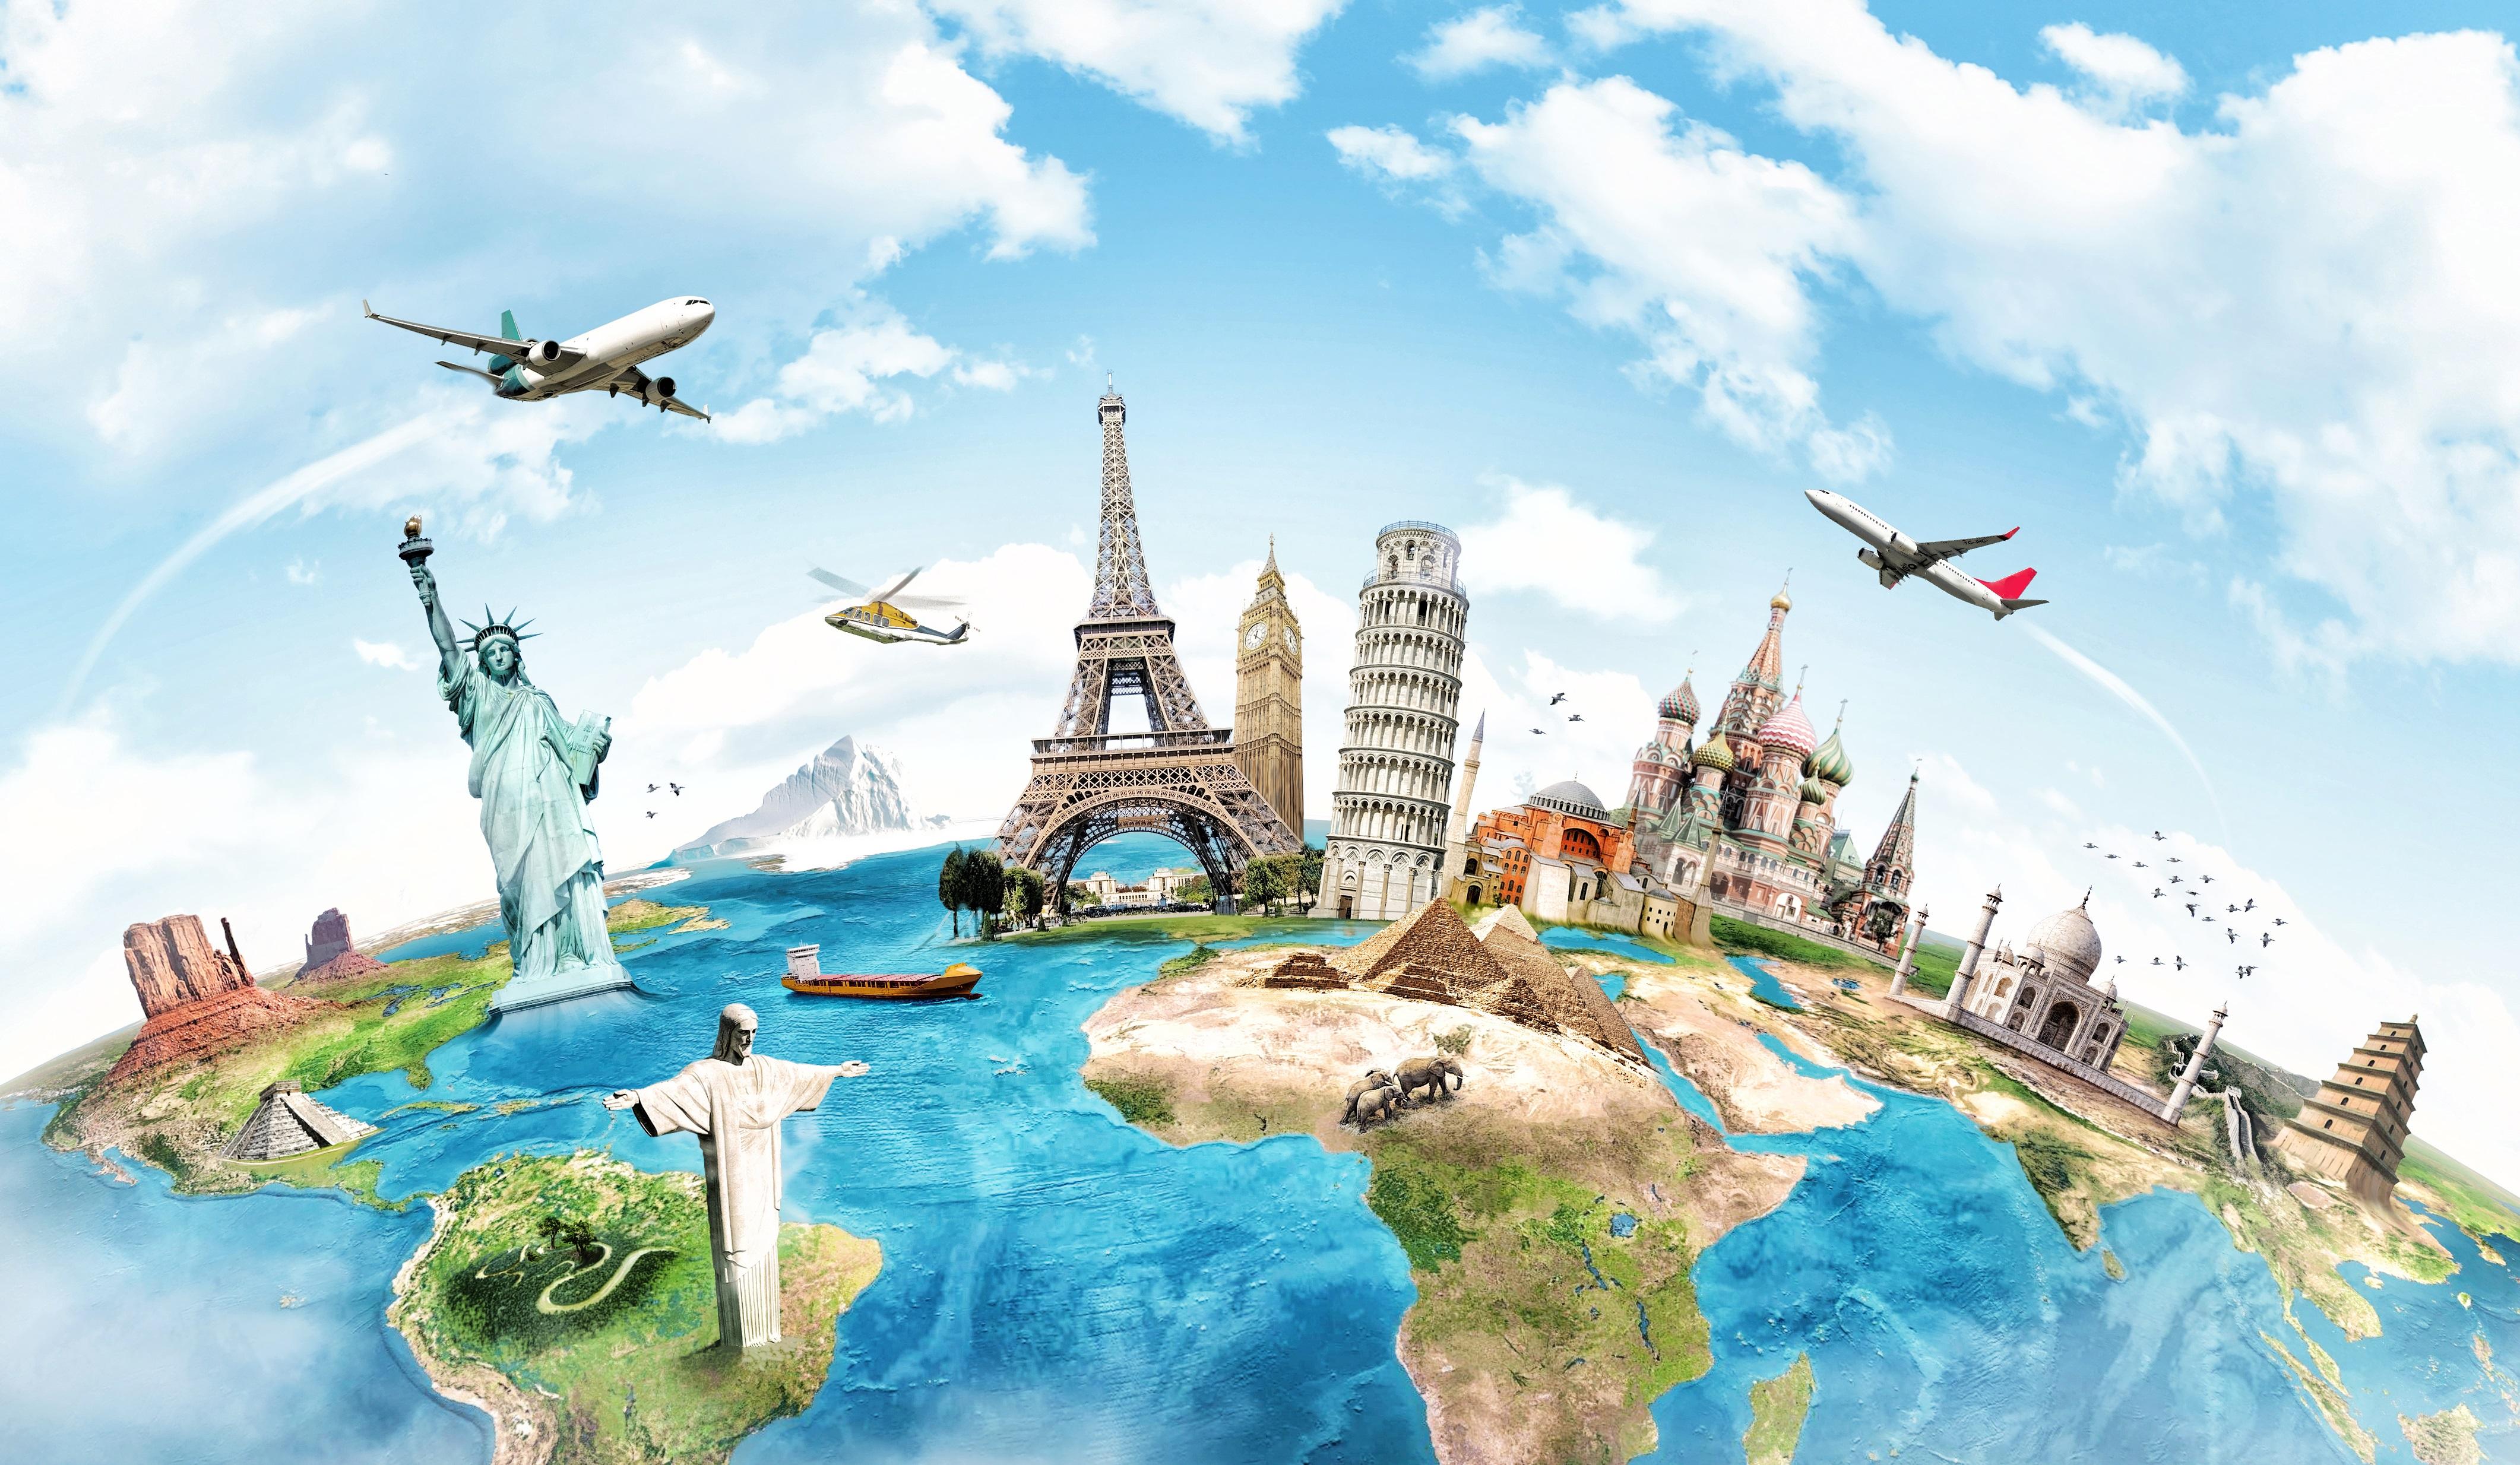 那些年纪轻轻就环游世界的人,到底在想什么?